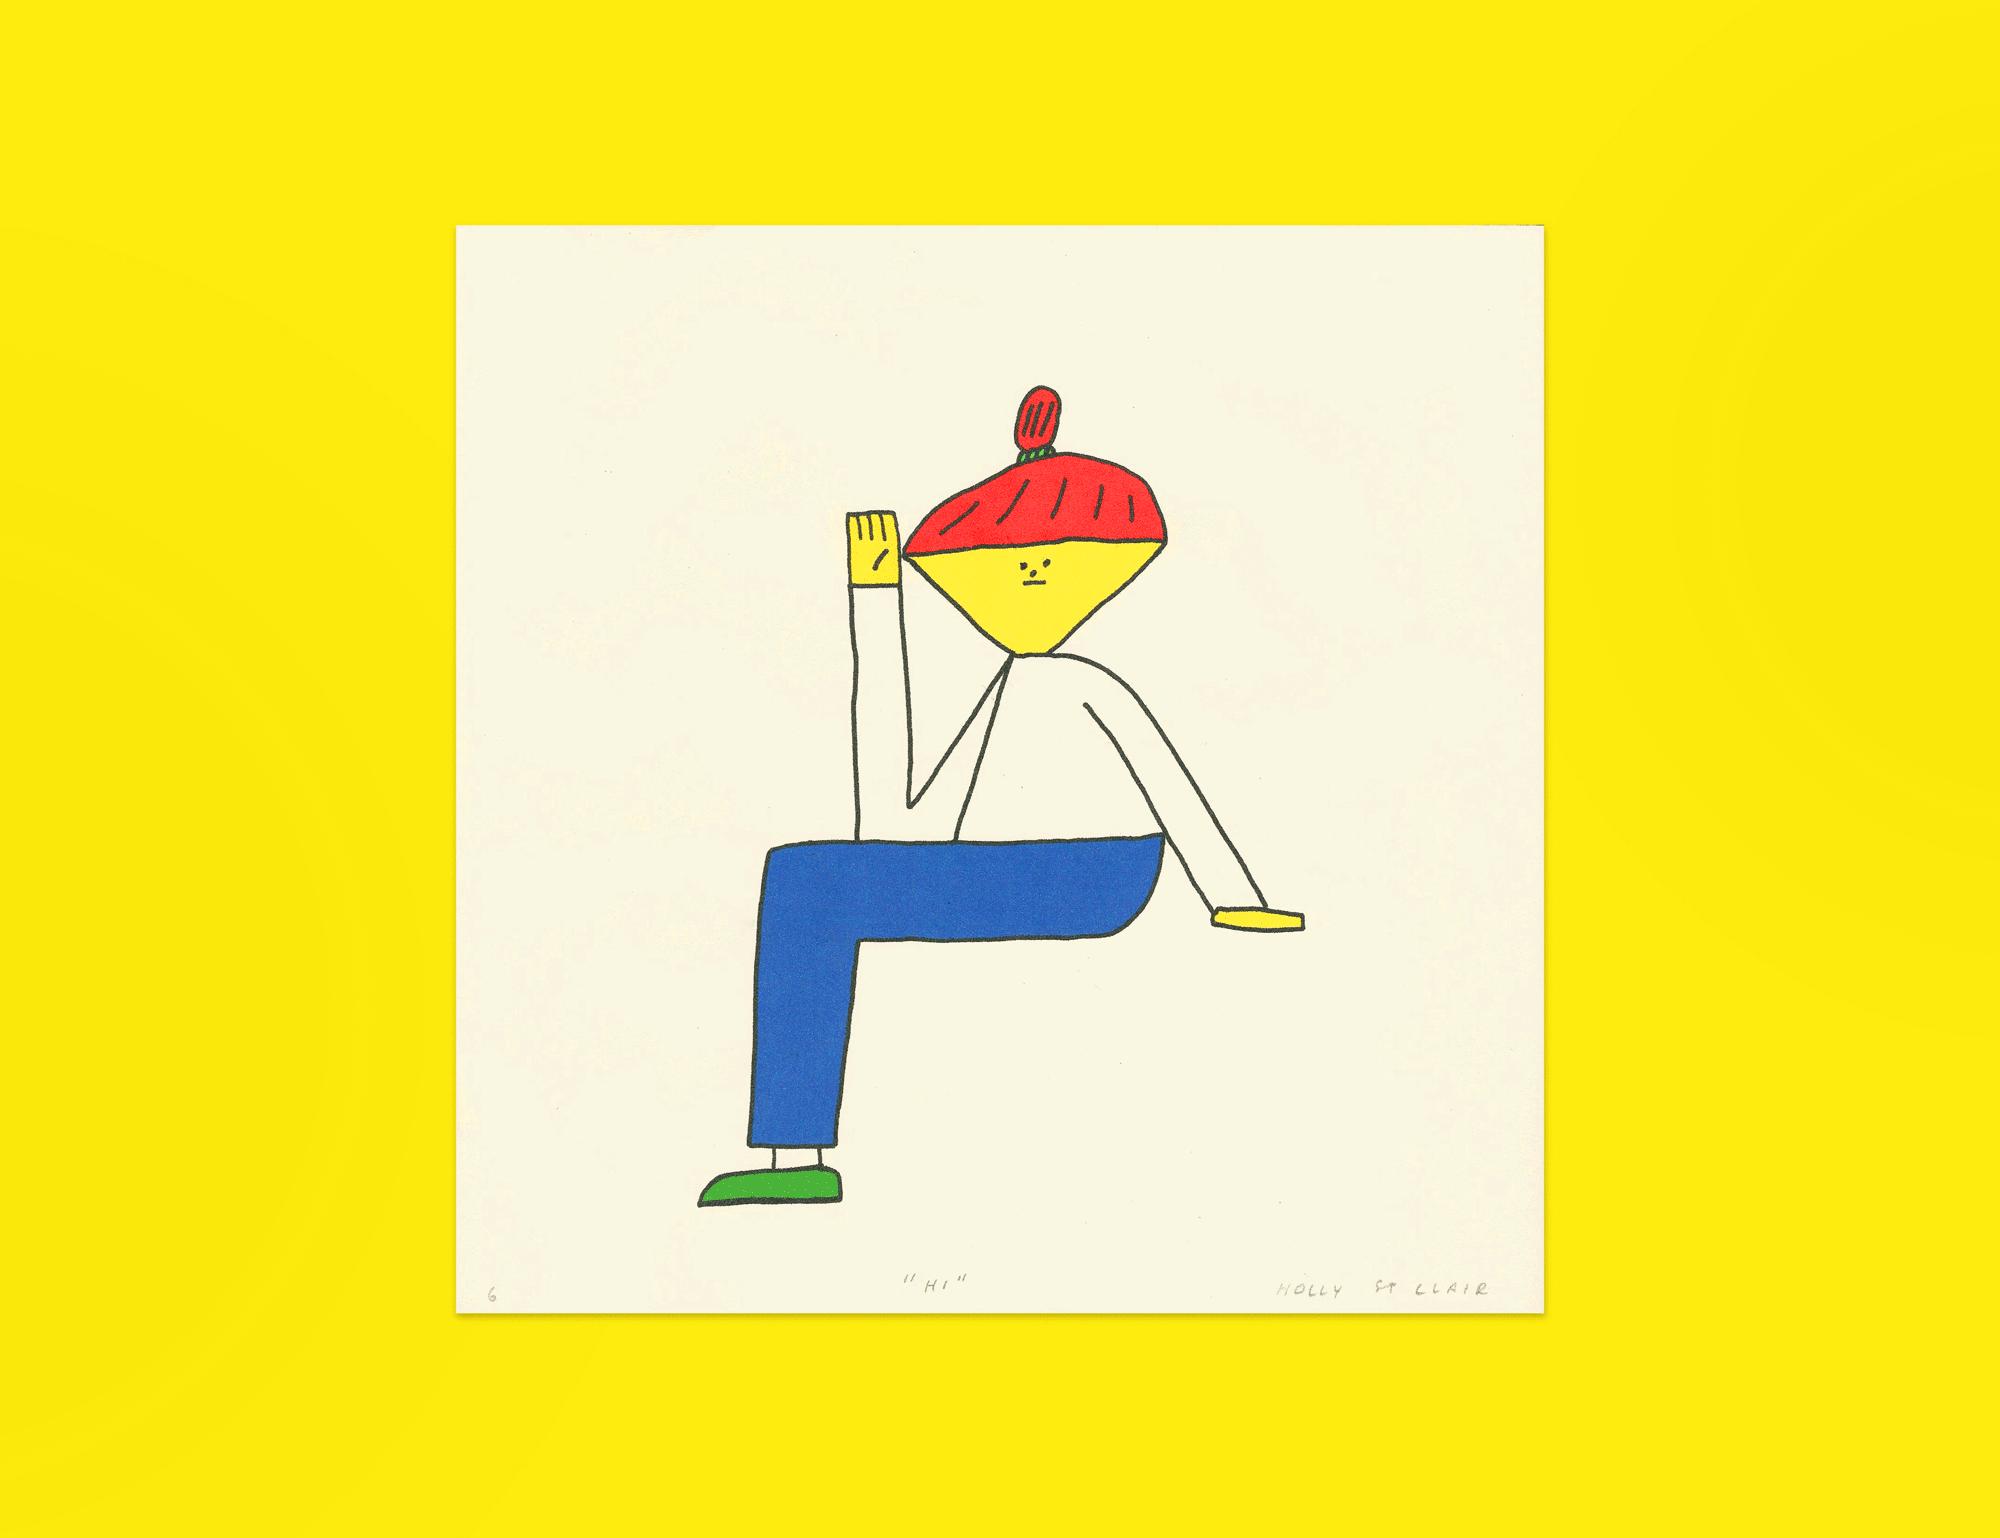 'Hi' Digital Print